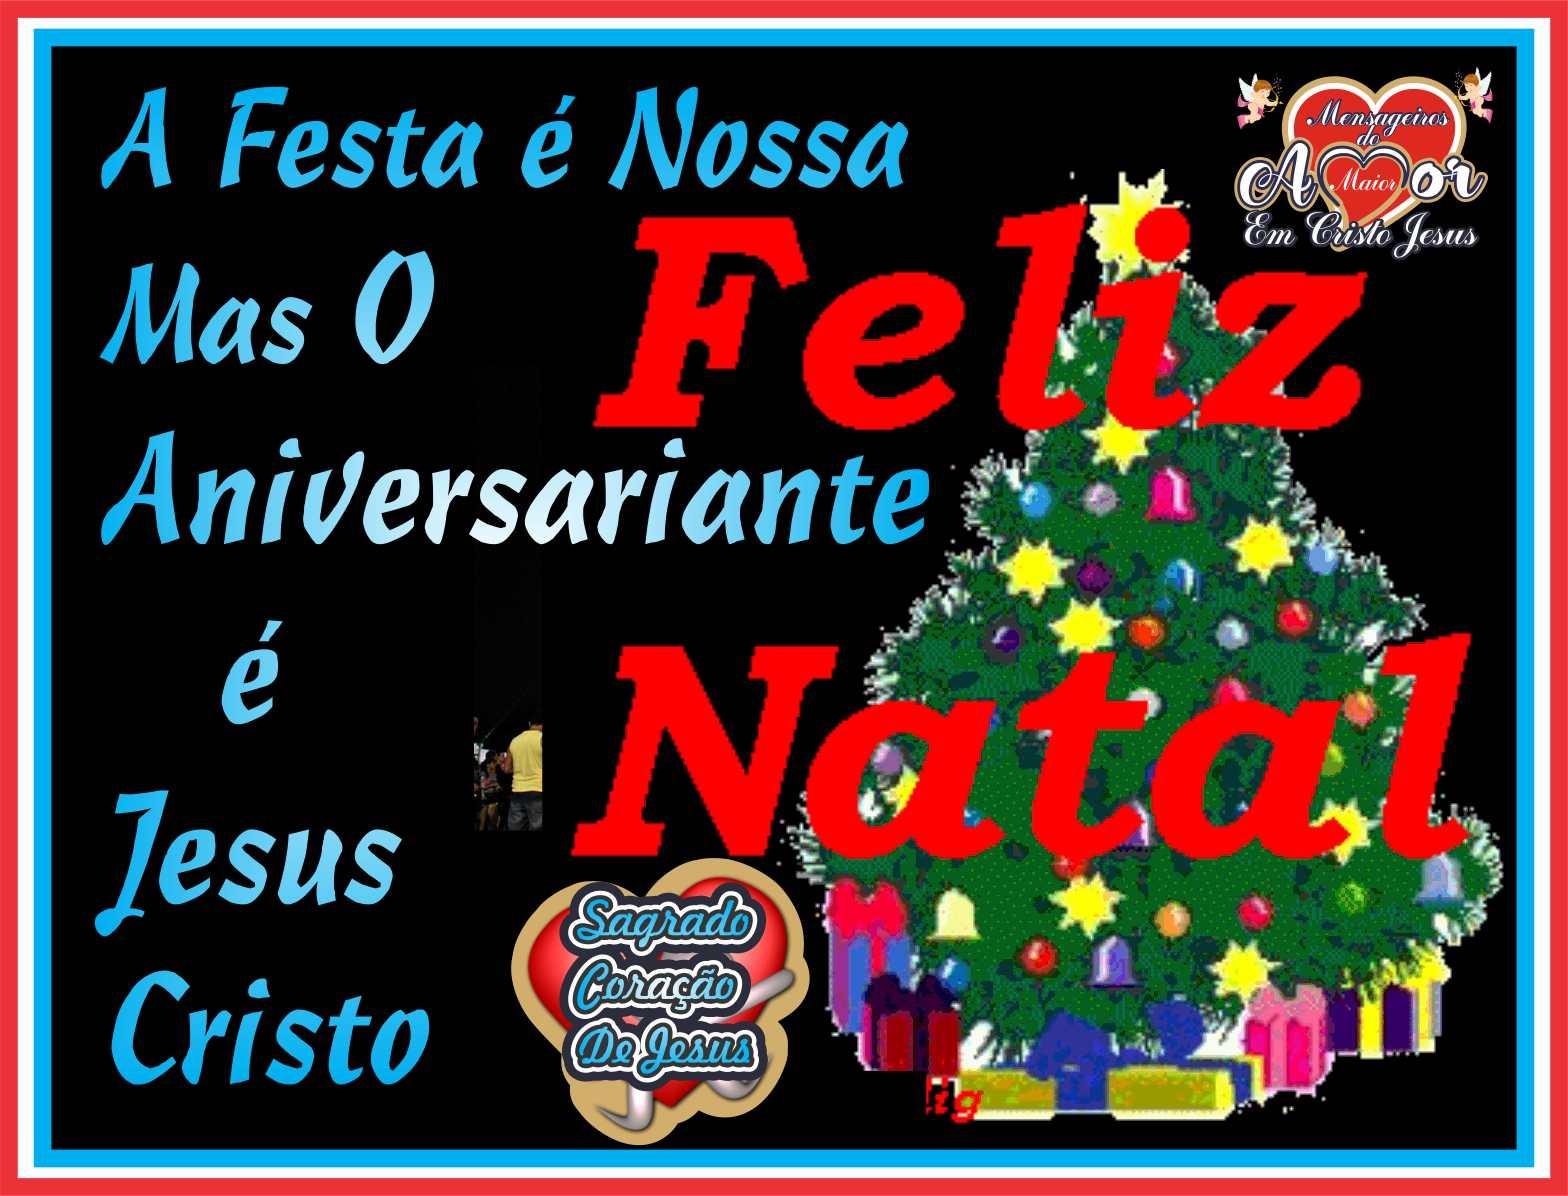 Feliz Natal!!! É Nossa A Festa! Mas O Aniversário é de Jesus